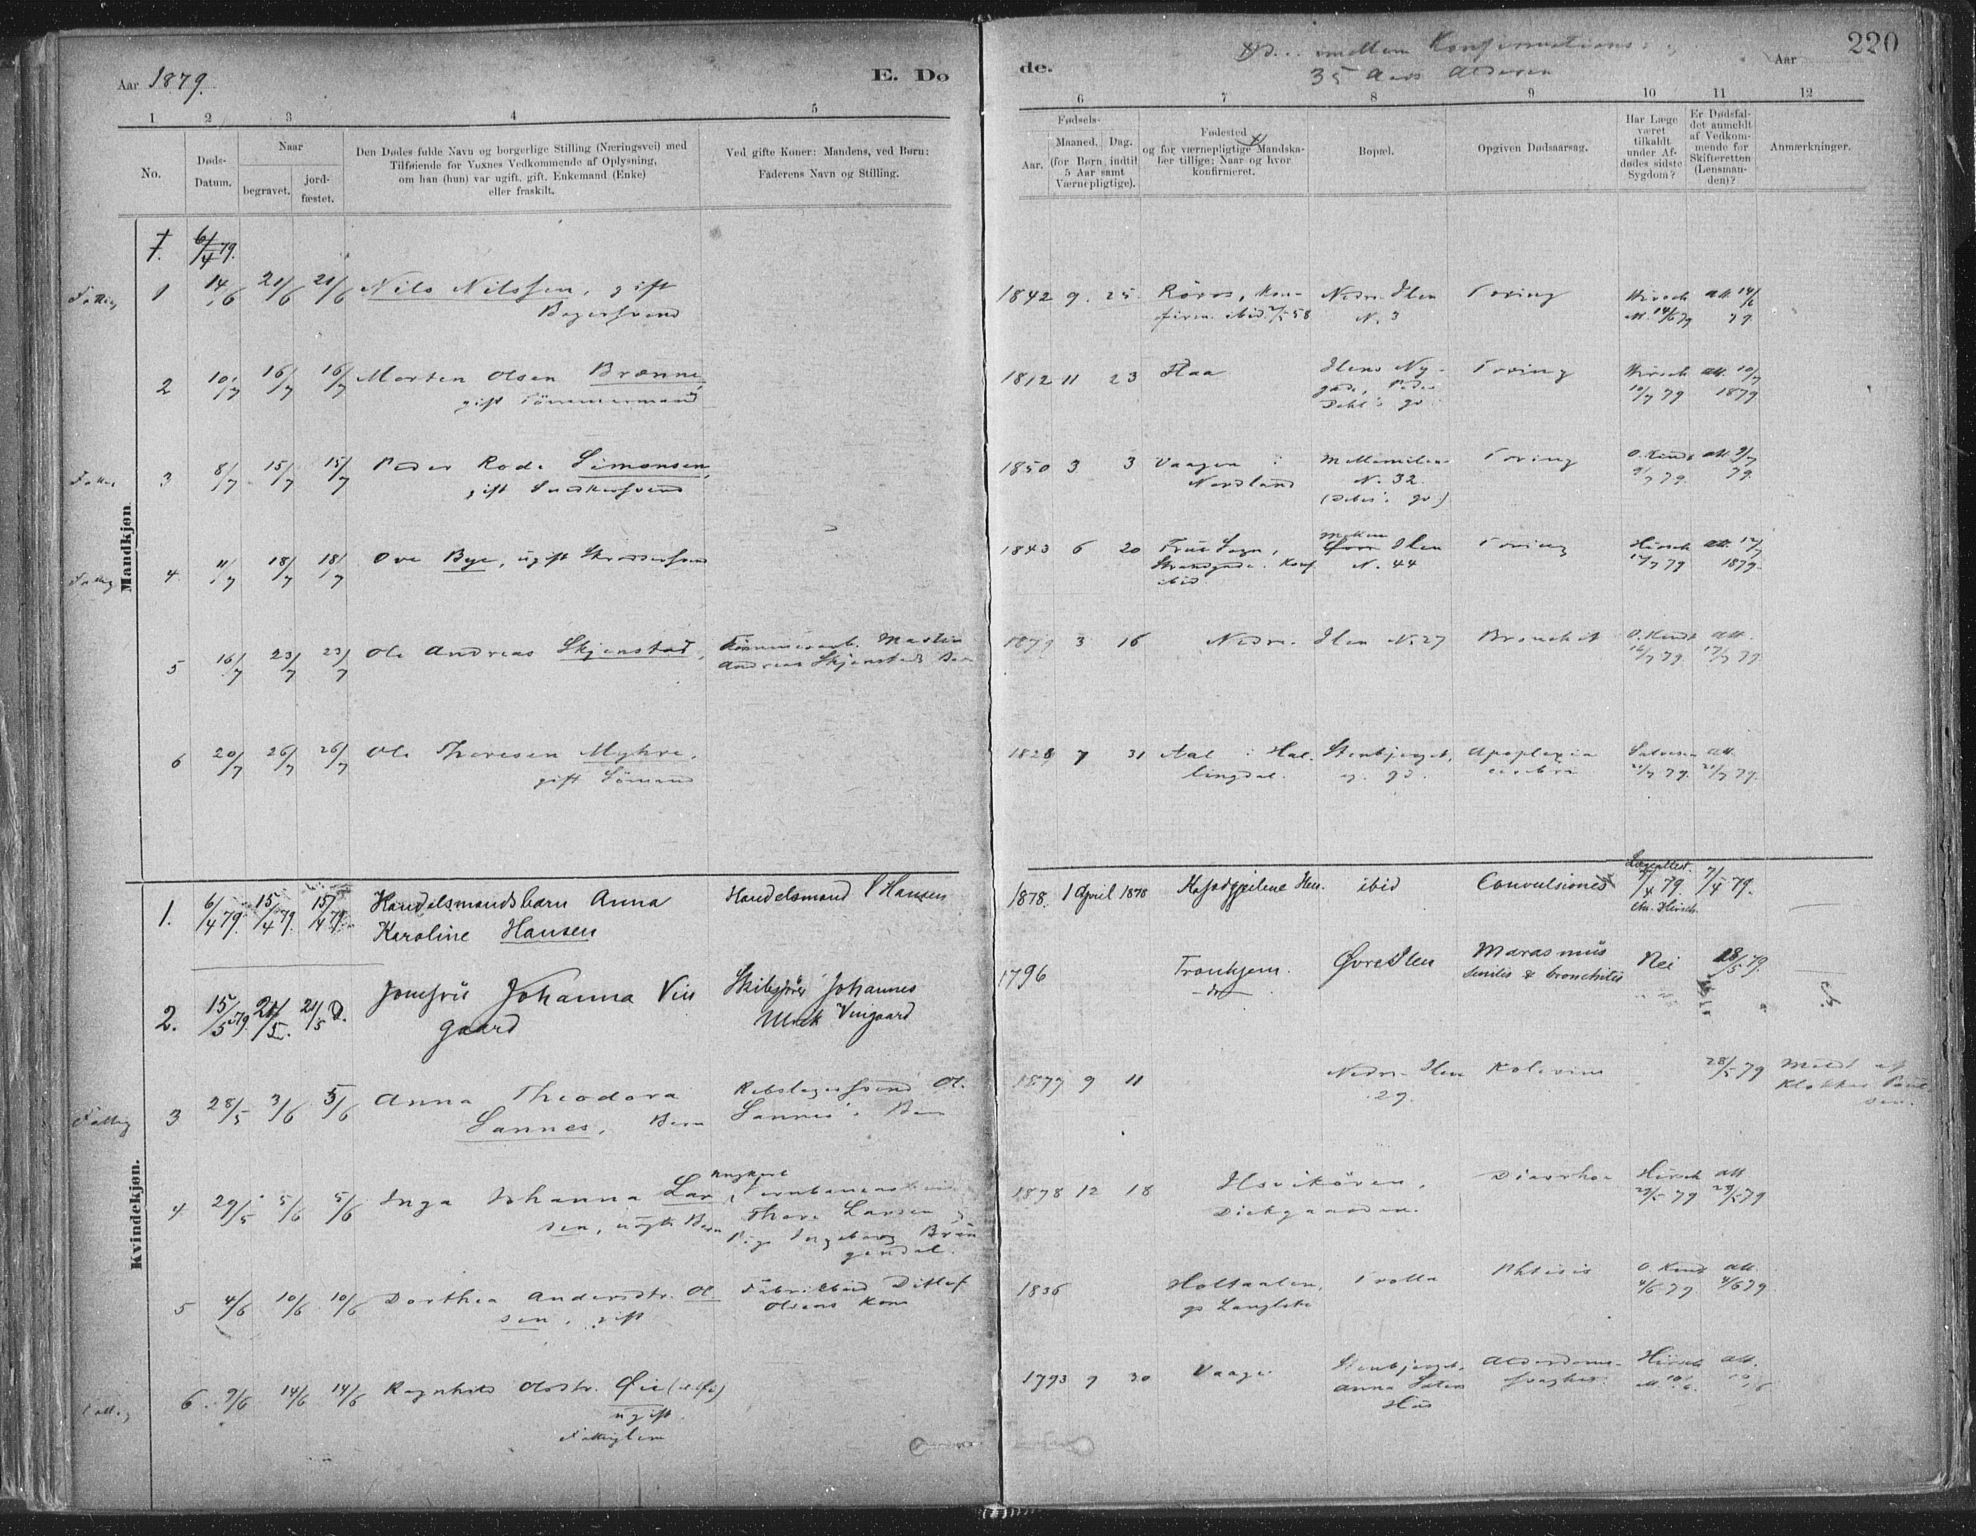 SAT, Ministerialprotokoller, klokkerbøker og fødselsregistre - Sør-Trøndelag, 603/L0162: Ministerialbok nr. 603A01, 1879-1895, s. 220